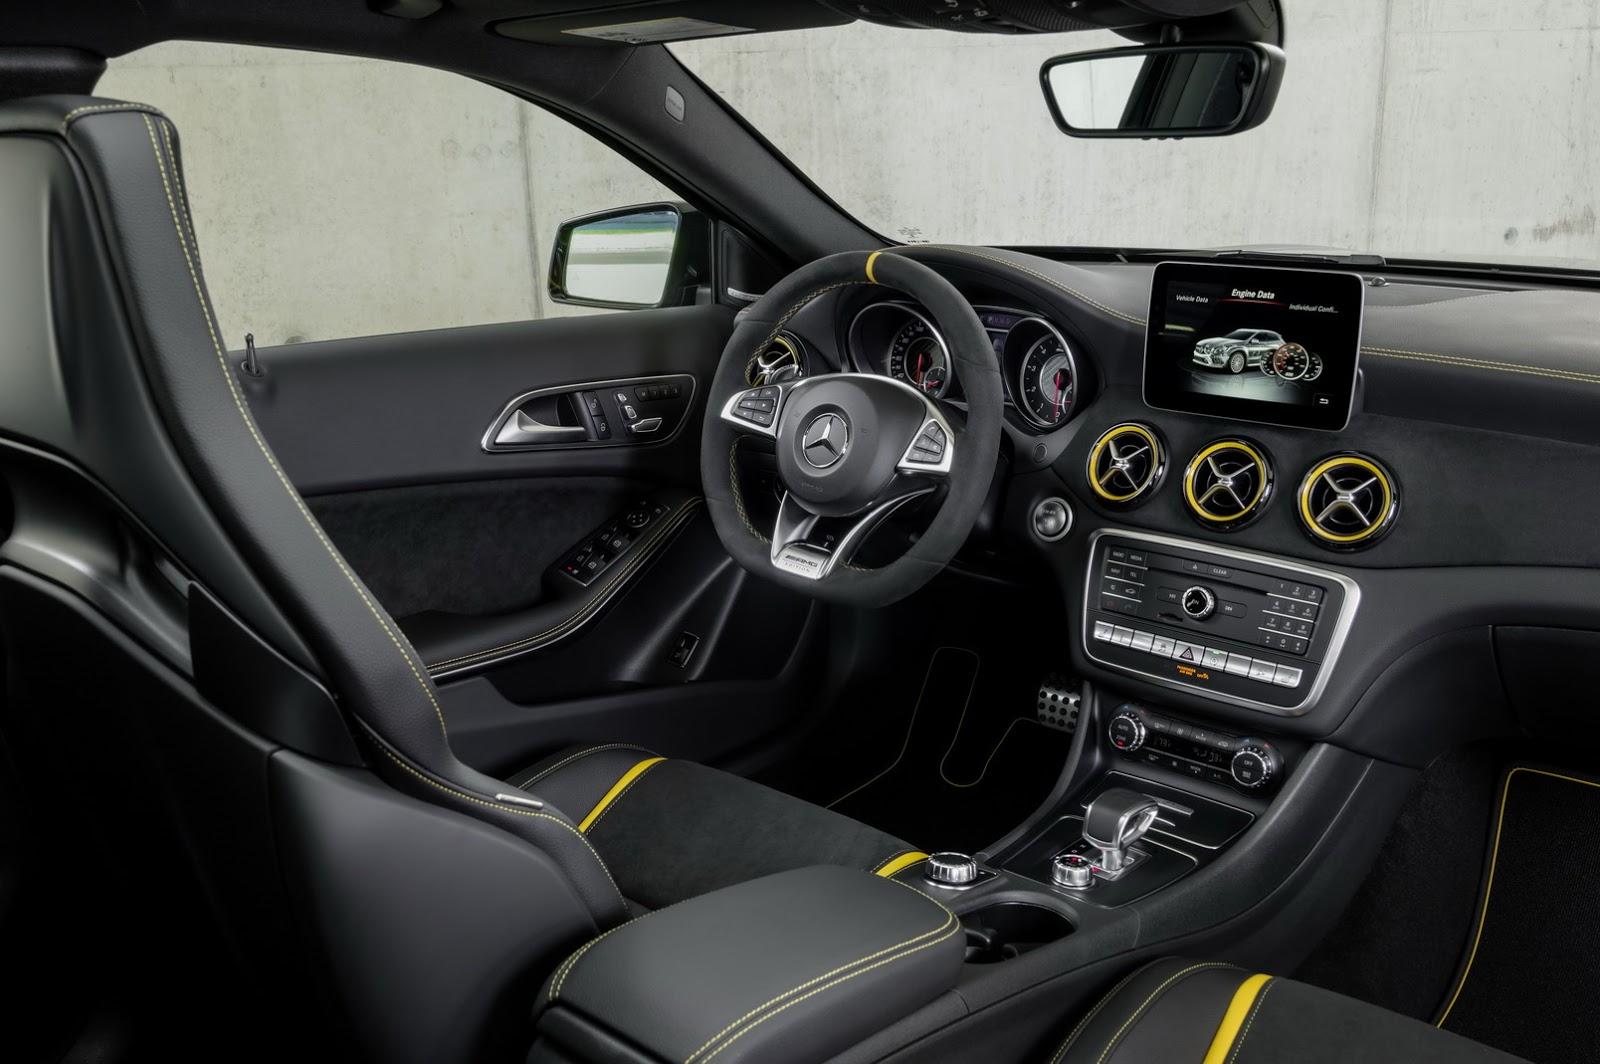 Mercedes GLA facelift and GLA 45 AMG facelift 2017 (76)